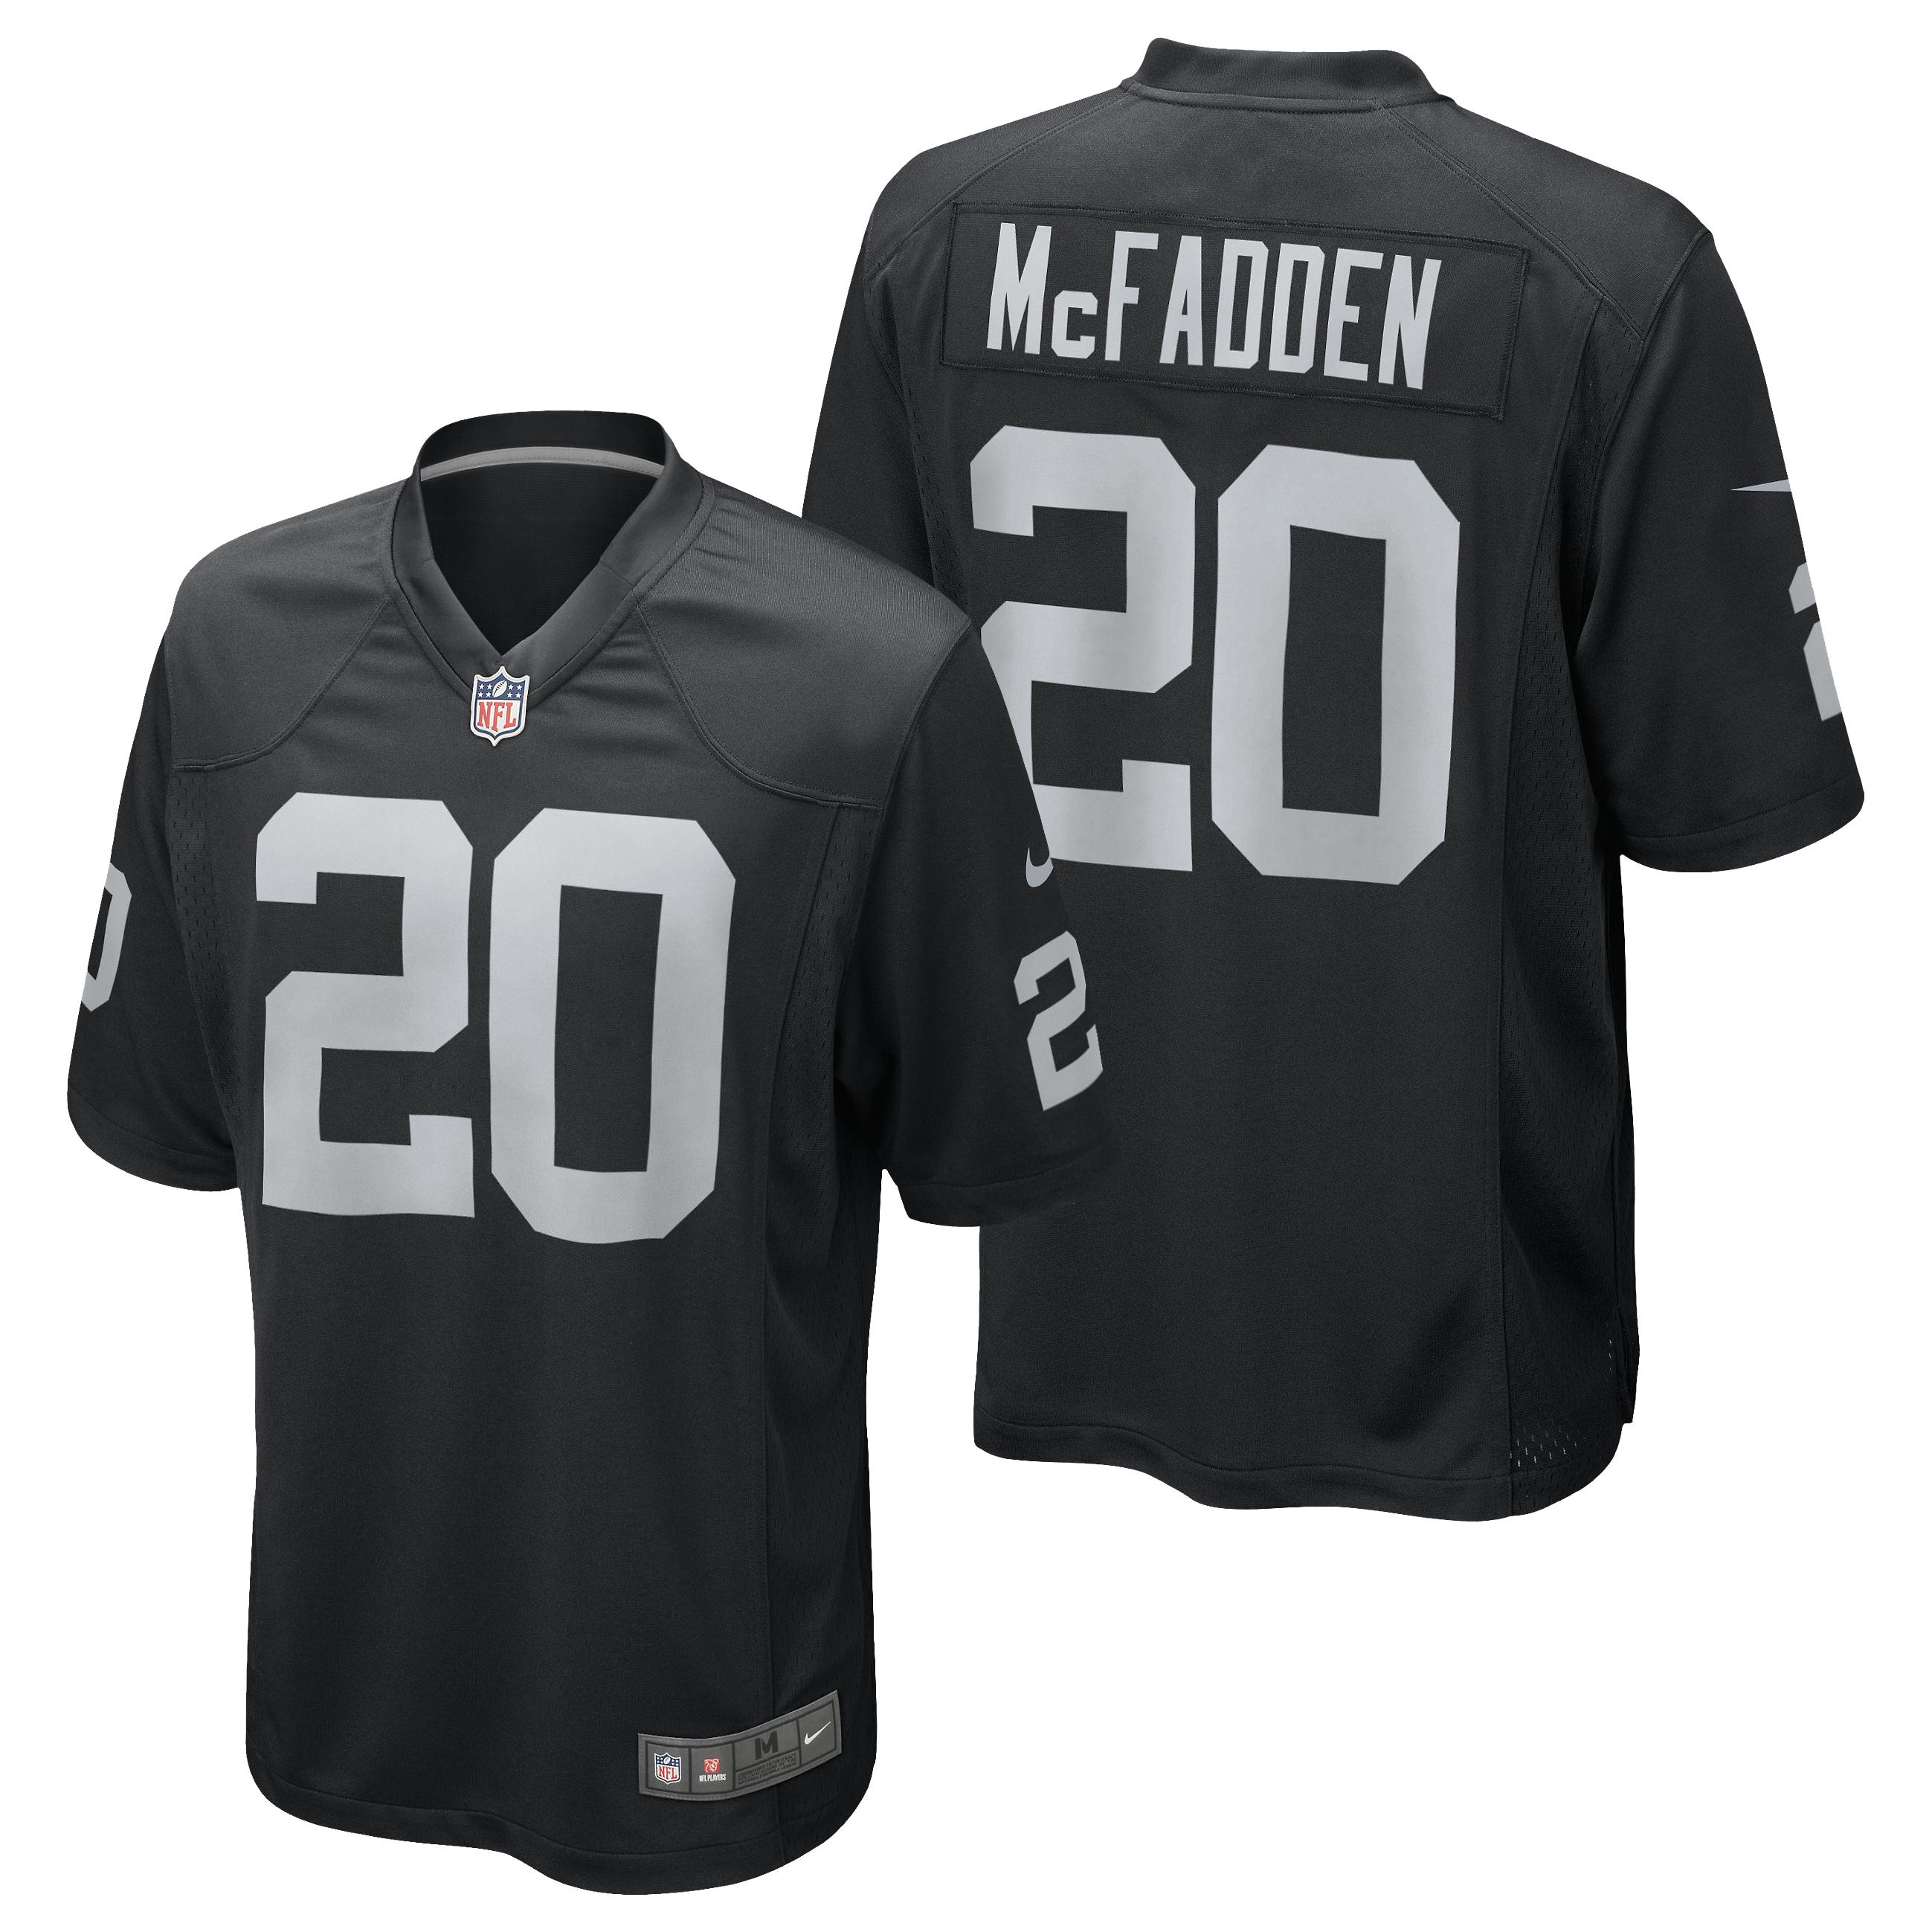 Oakland Raiders Home Game Jersey - Darren McFadden